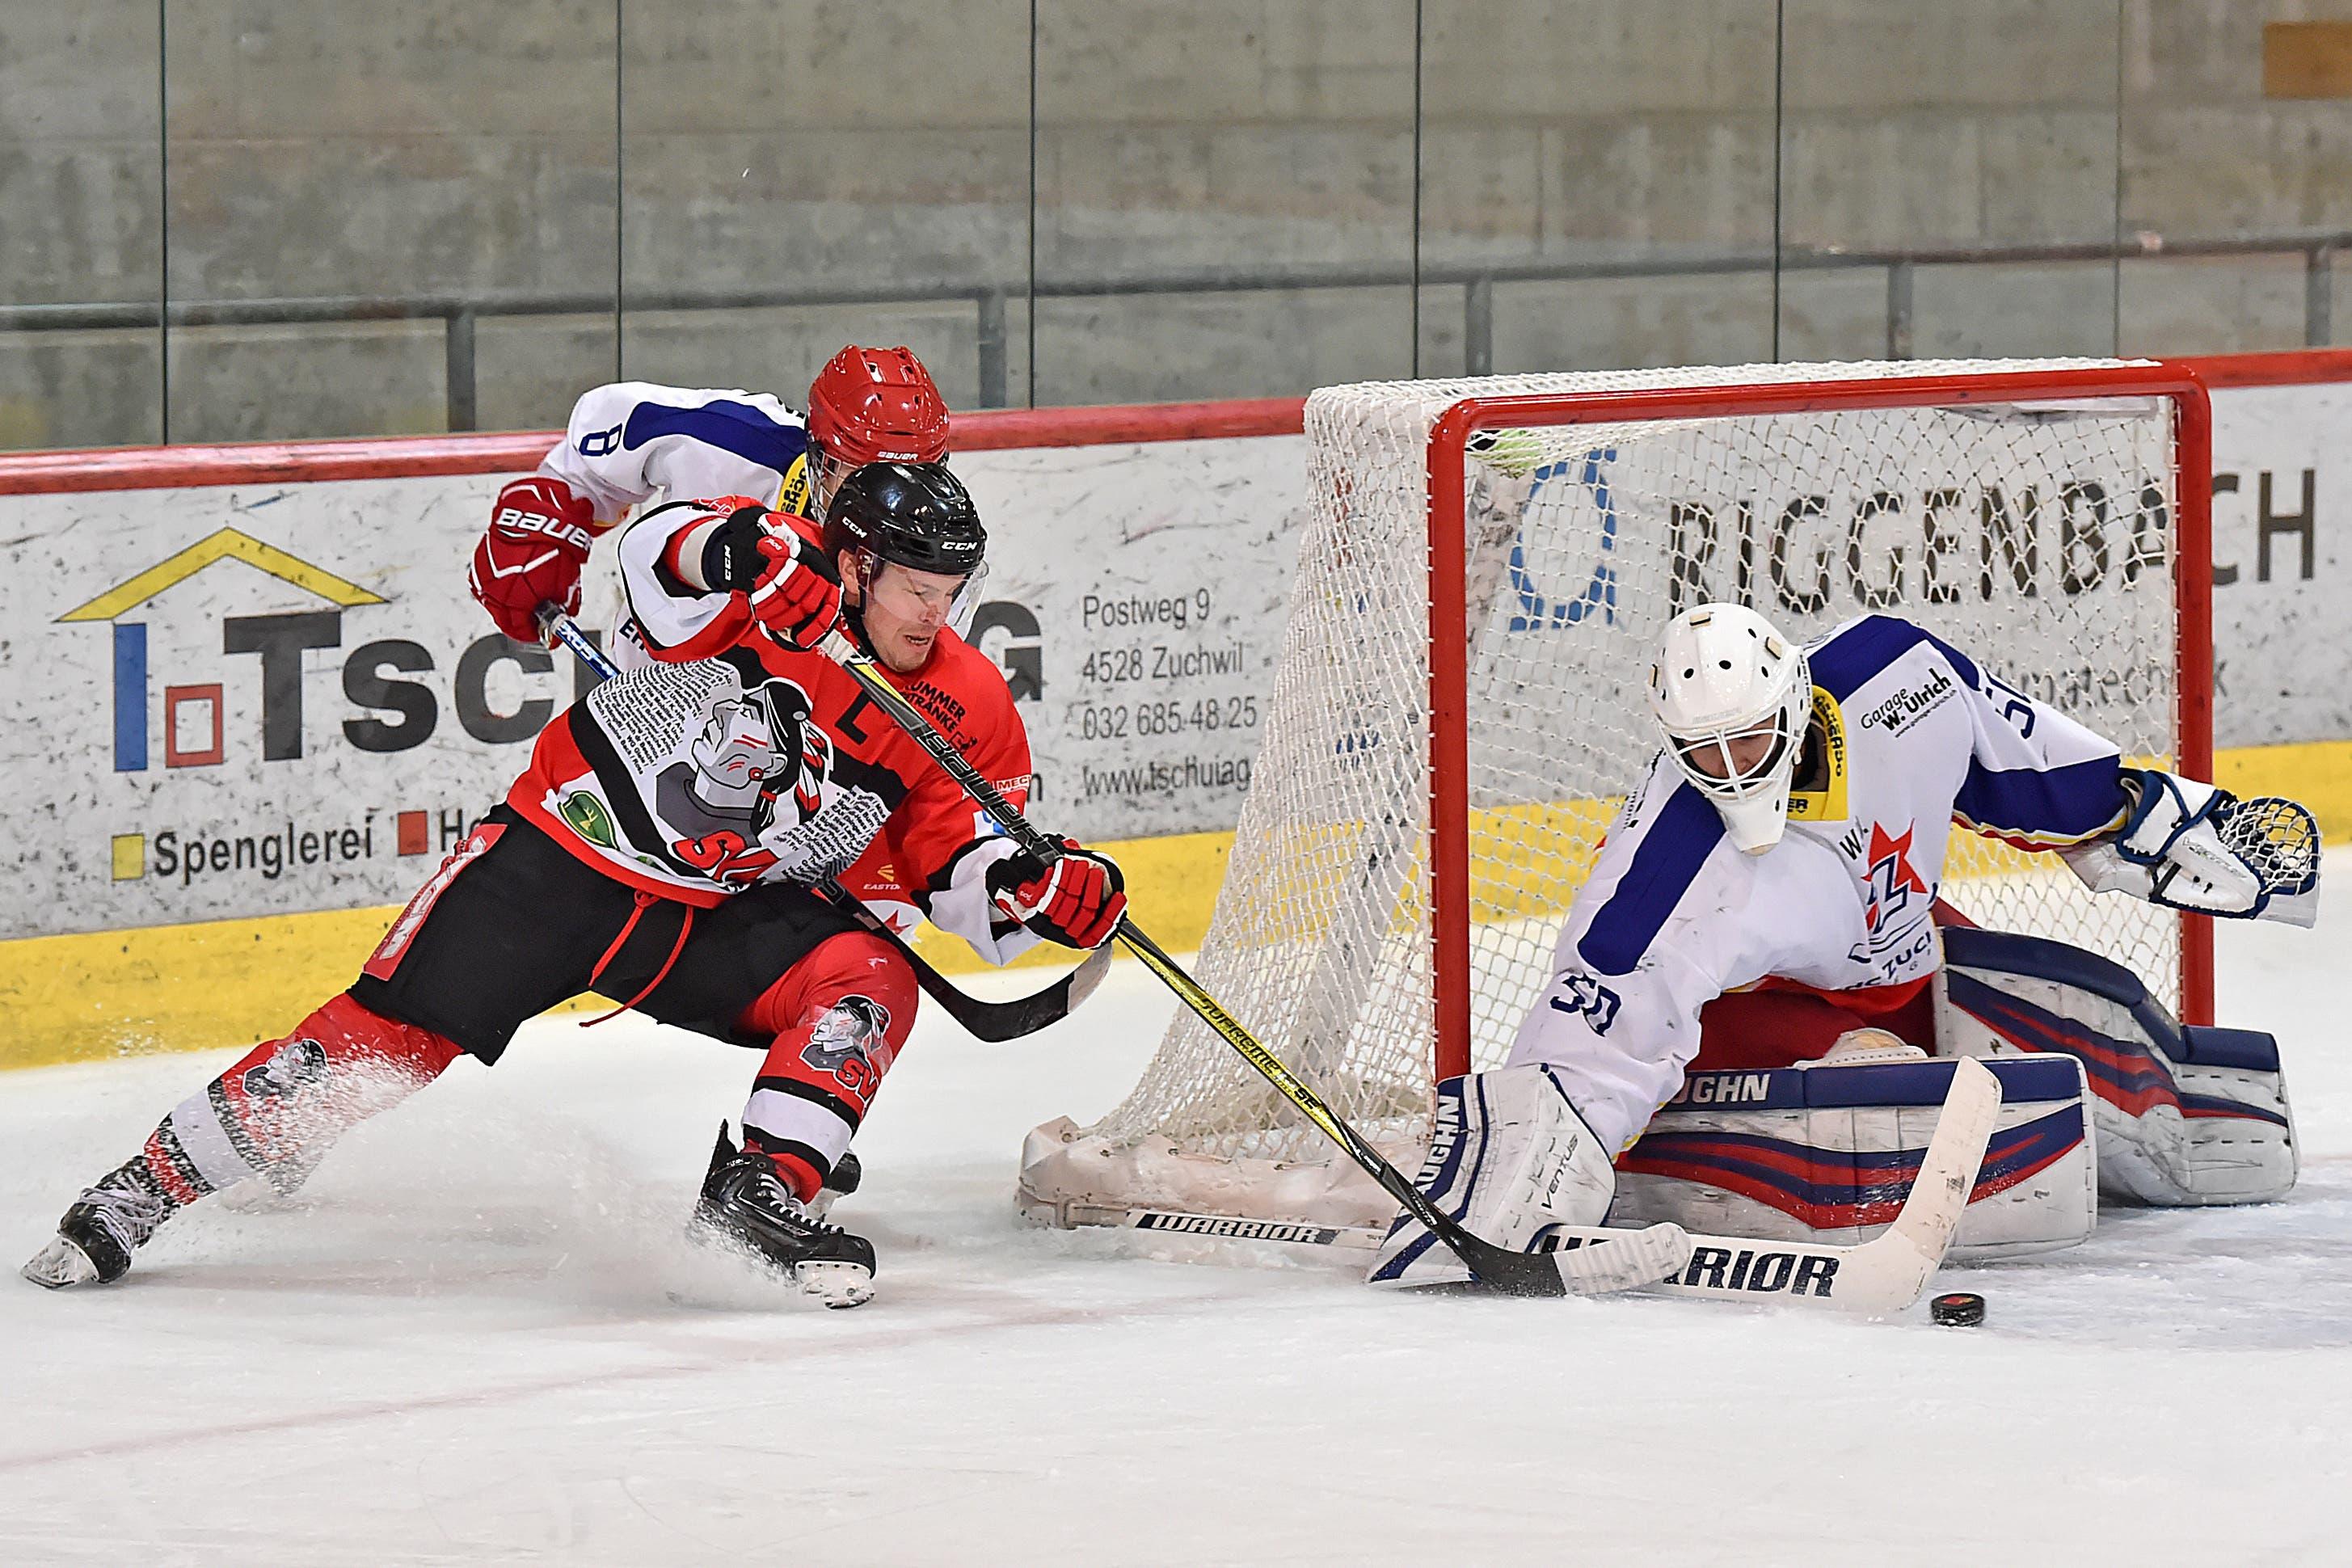 Der Leader Zuchwil Regio setzte sich gegen den Tabellendritten Burgdorf mit 4:0 durch.